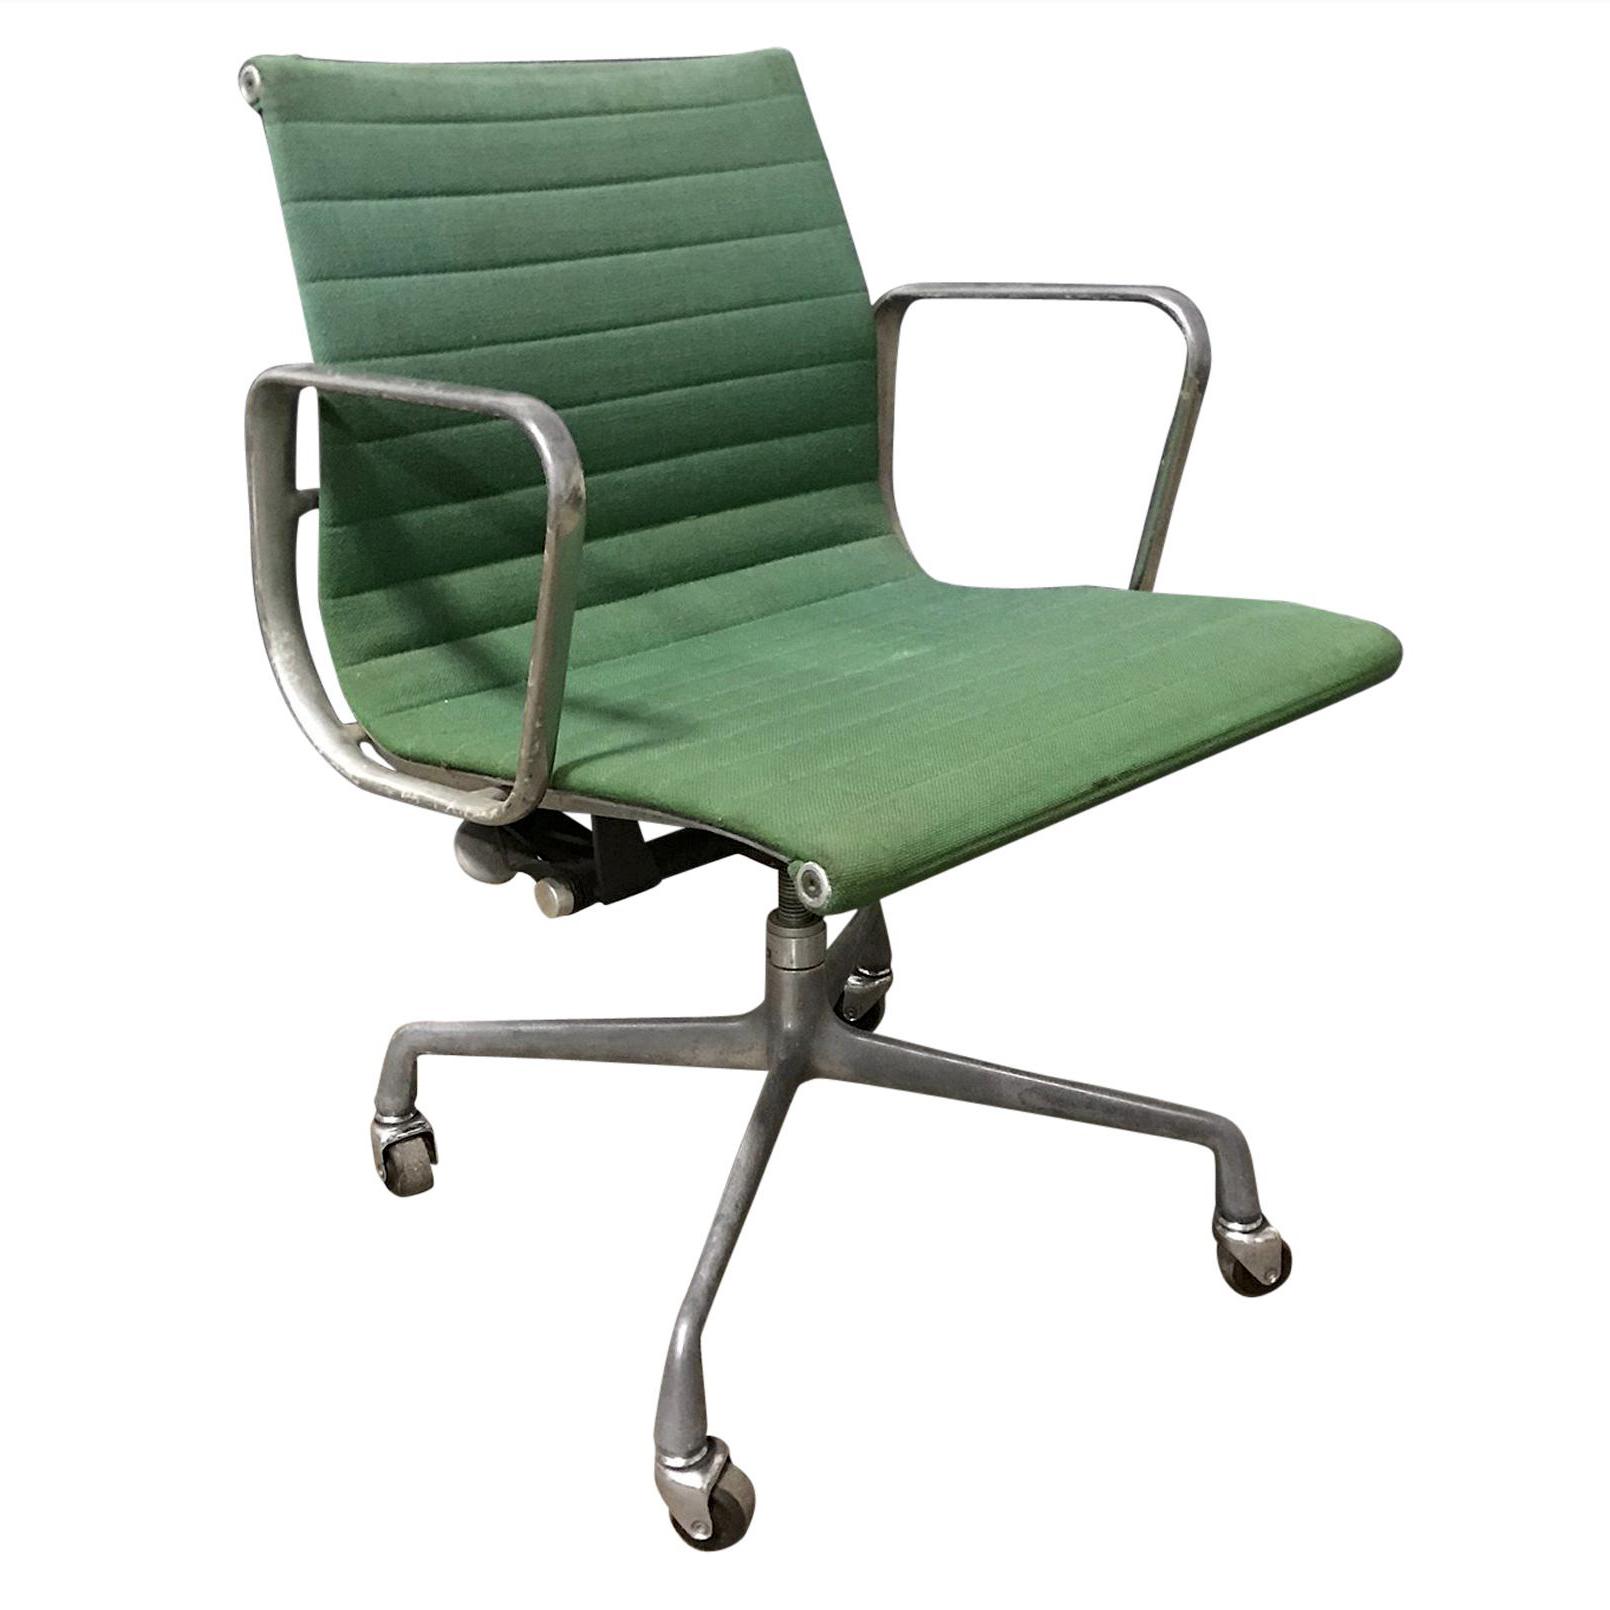 Charles Eames Bureaustoel.Charles Eames For Herman Miller Full Option Rare Green Desk Chair